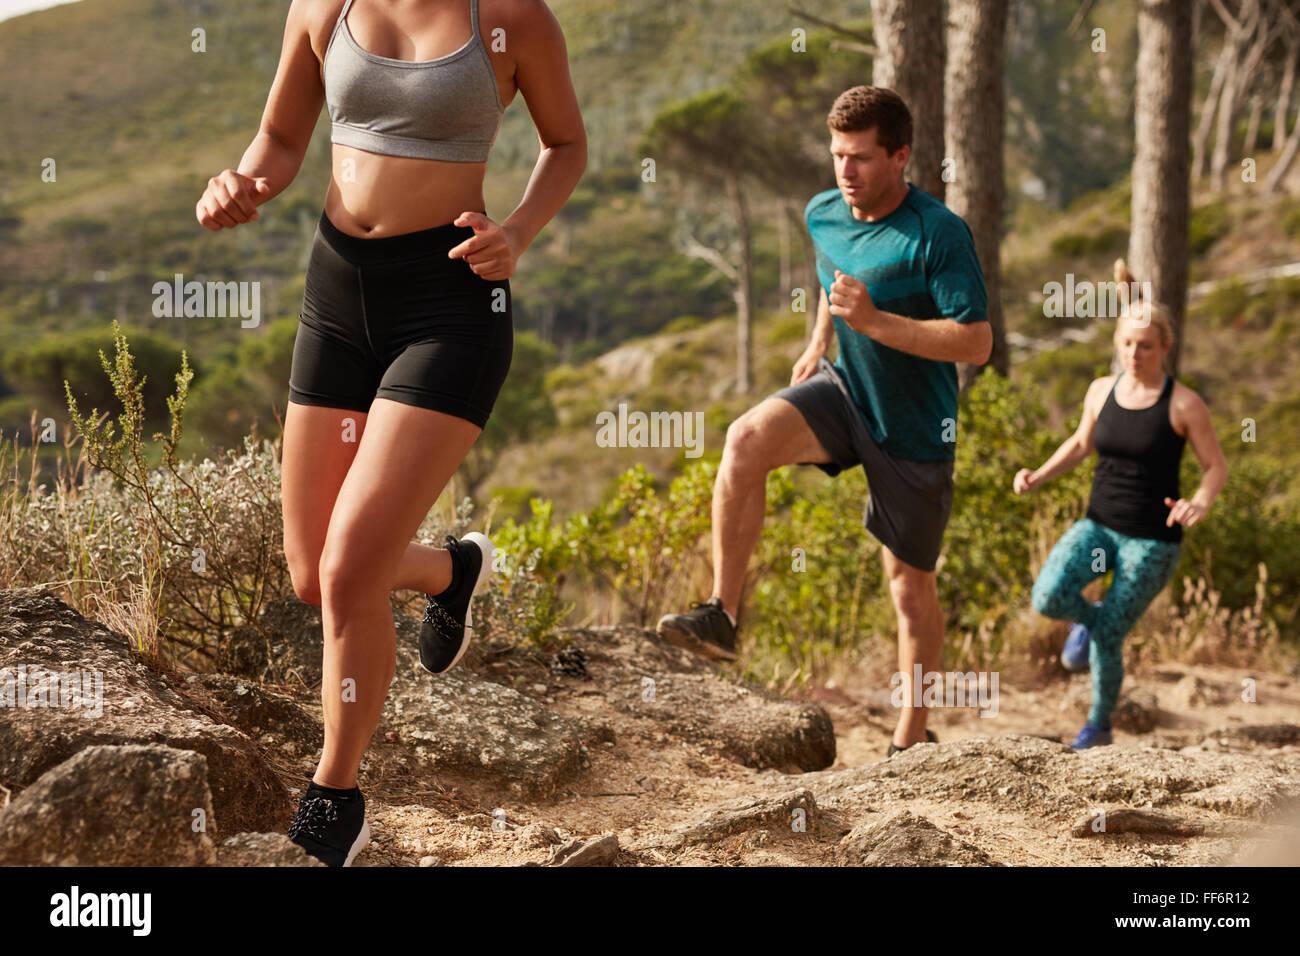 Montare i giovani in esecuzione su per una collina. Trail Running training. Giovani e montare gli atleti in funzione Immagini Stock